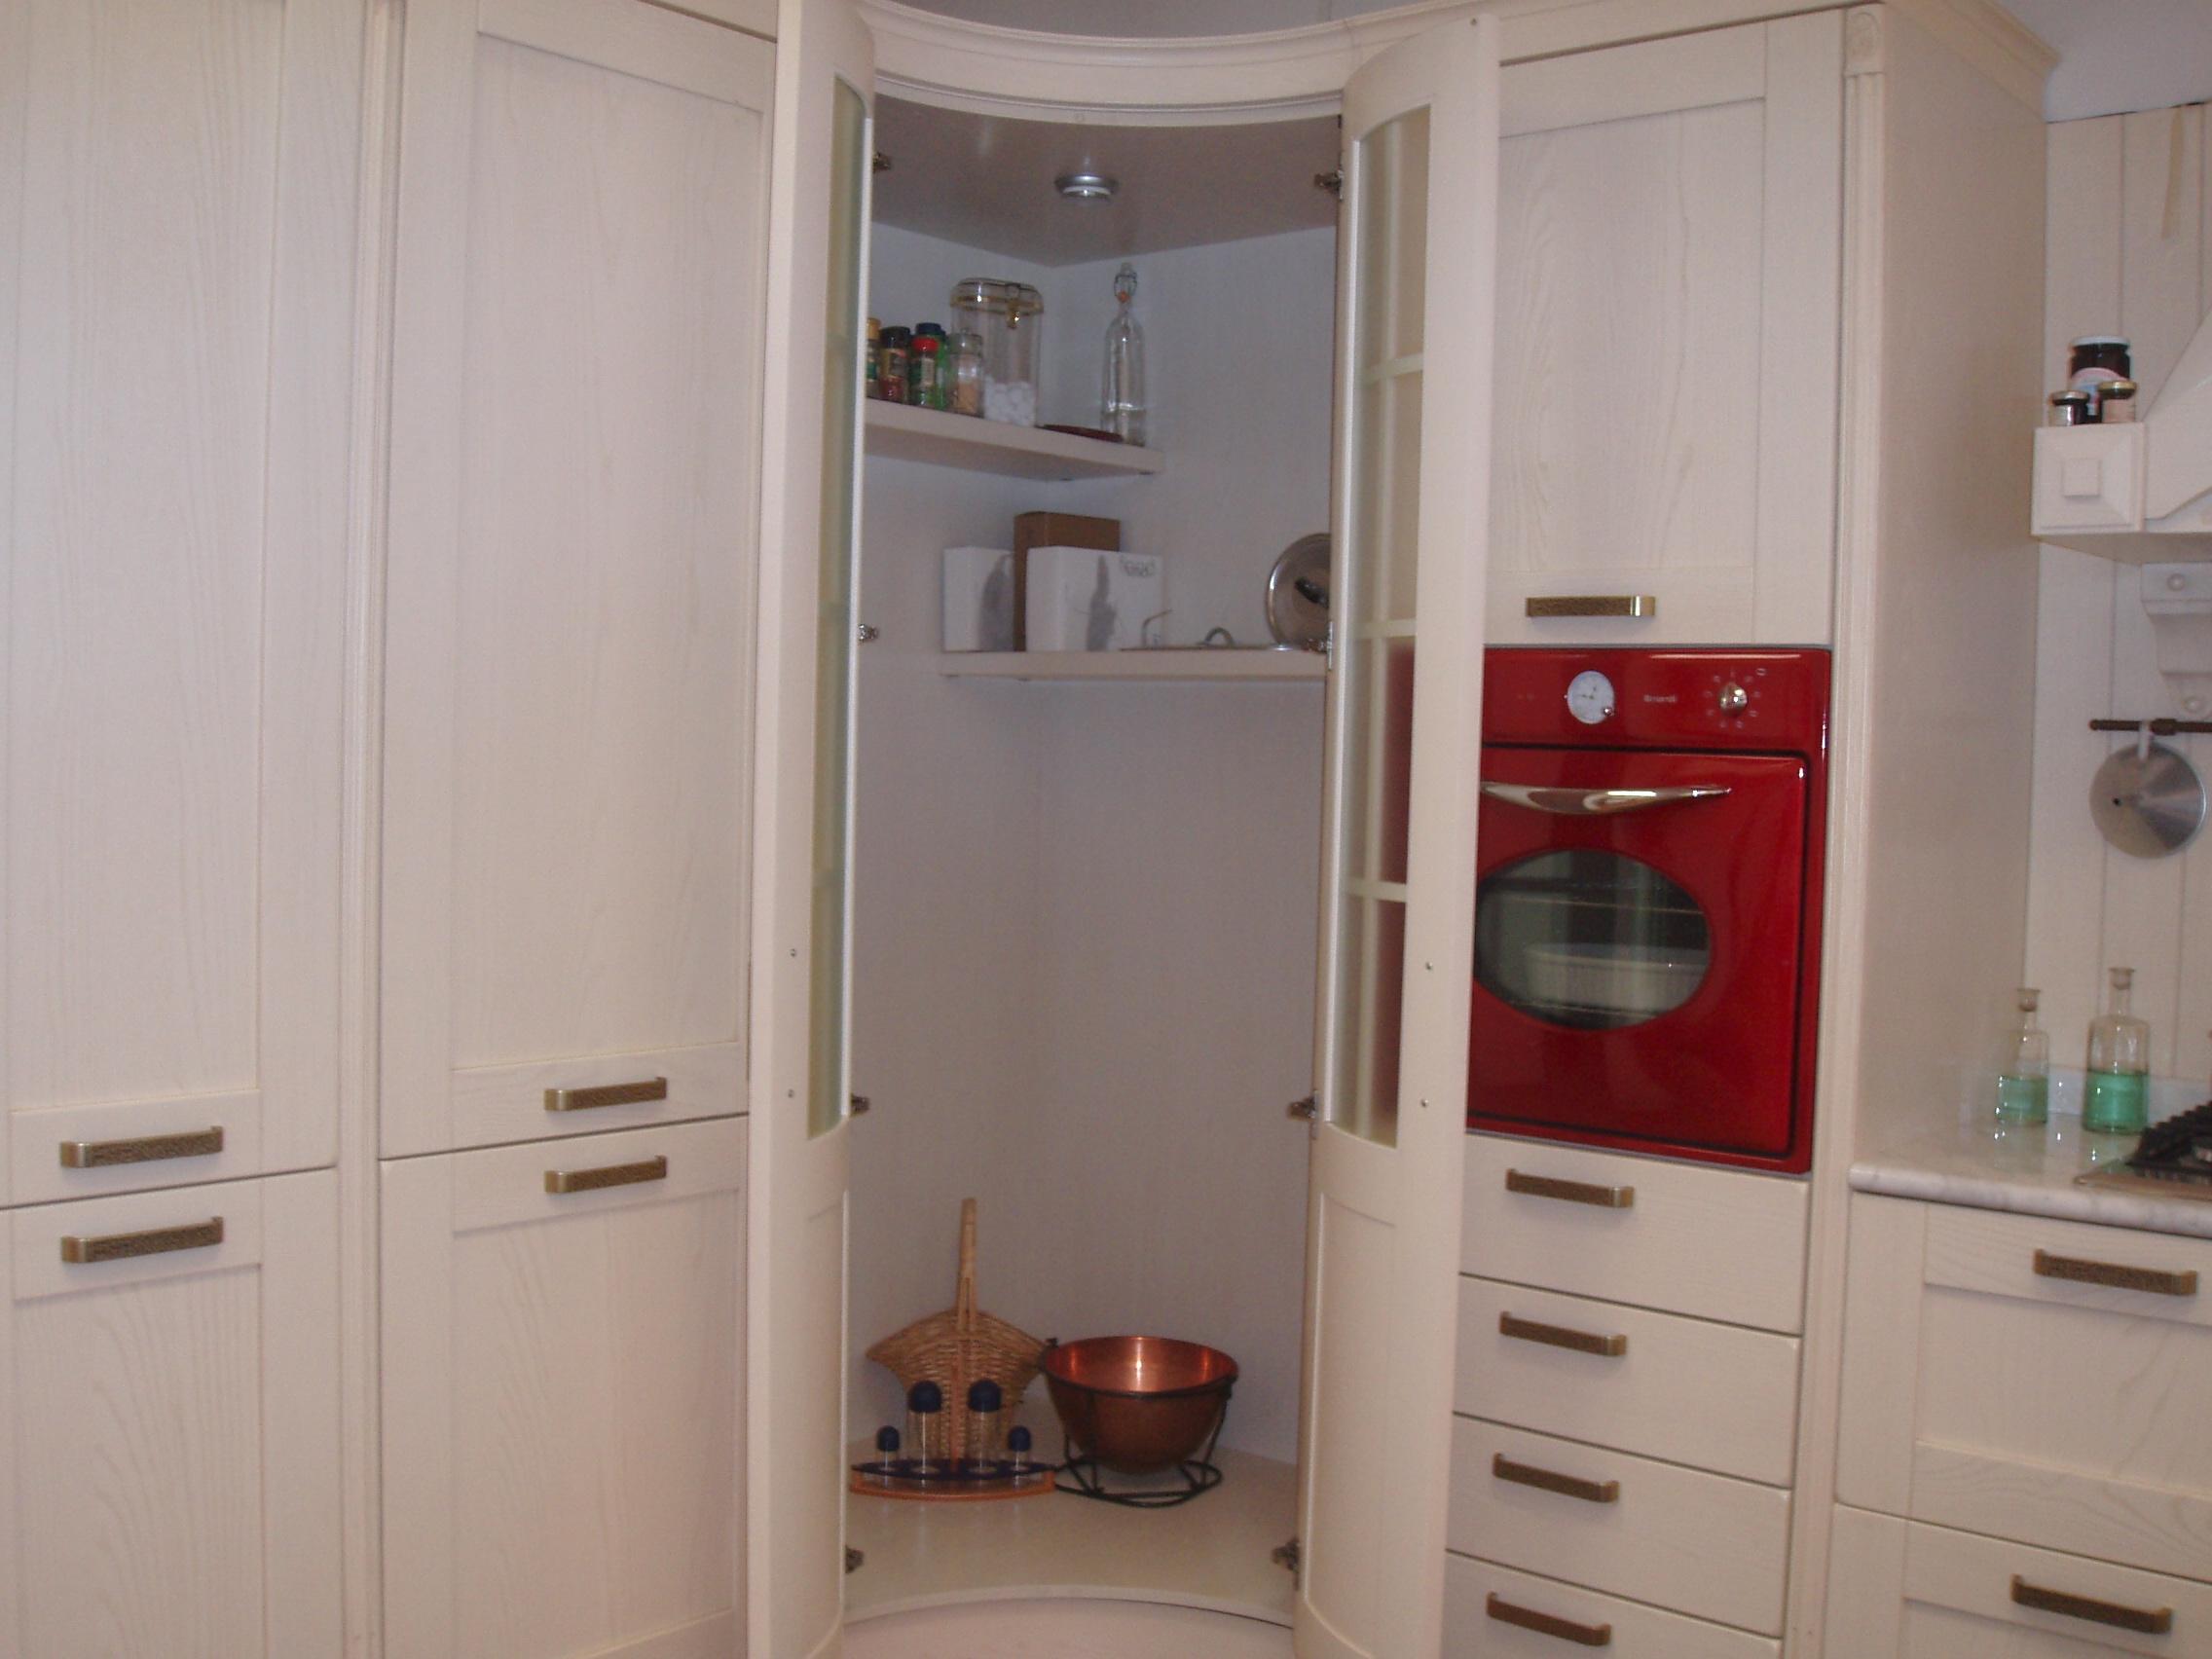 Cucina classica bianca trendy cucina classica bianca with for Cucina classica bianca